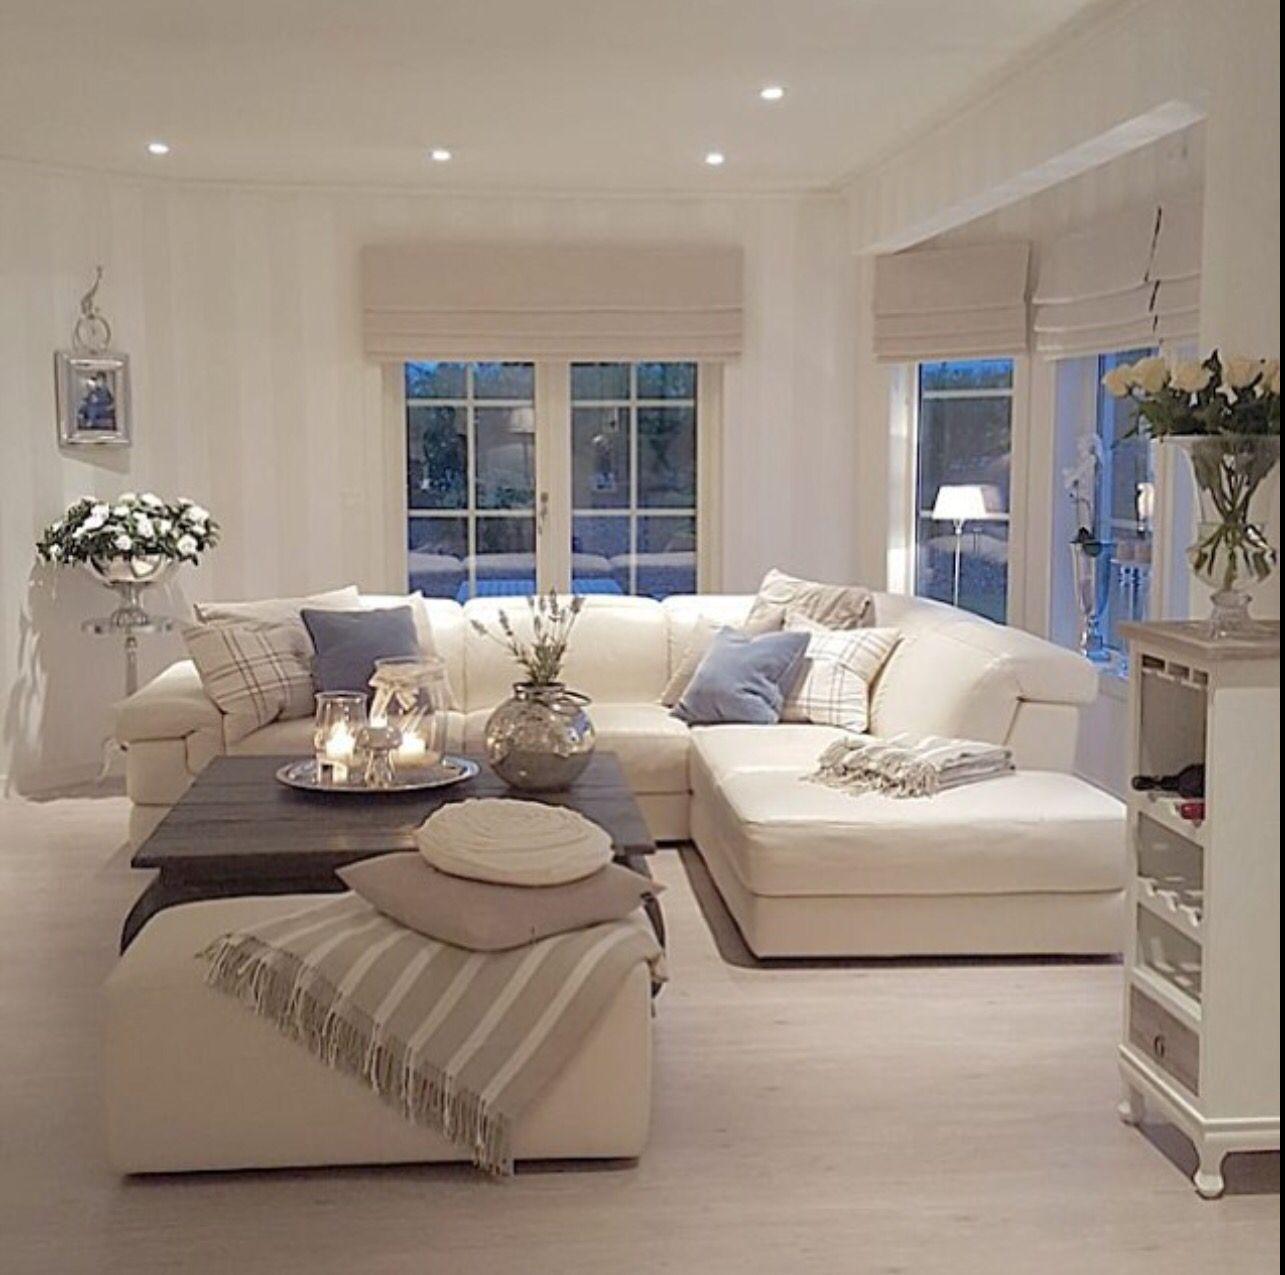 Cozy Modern Living Room: Haus Deko, Wohnzimmer, Wohnzimmerentwürfe